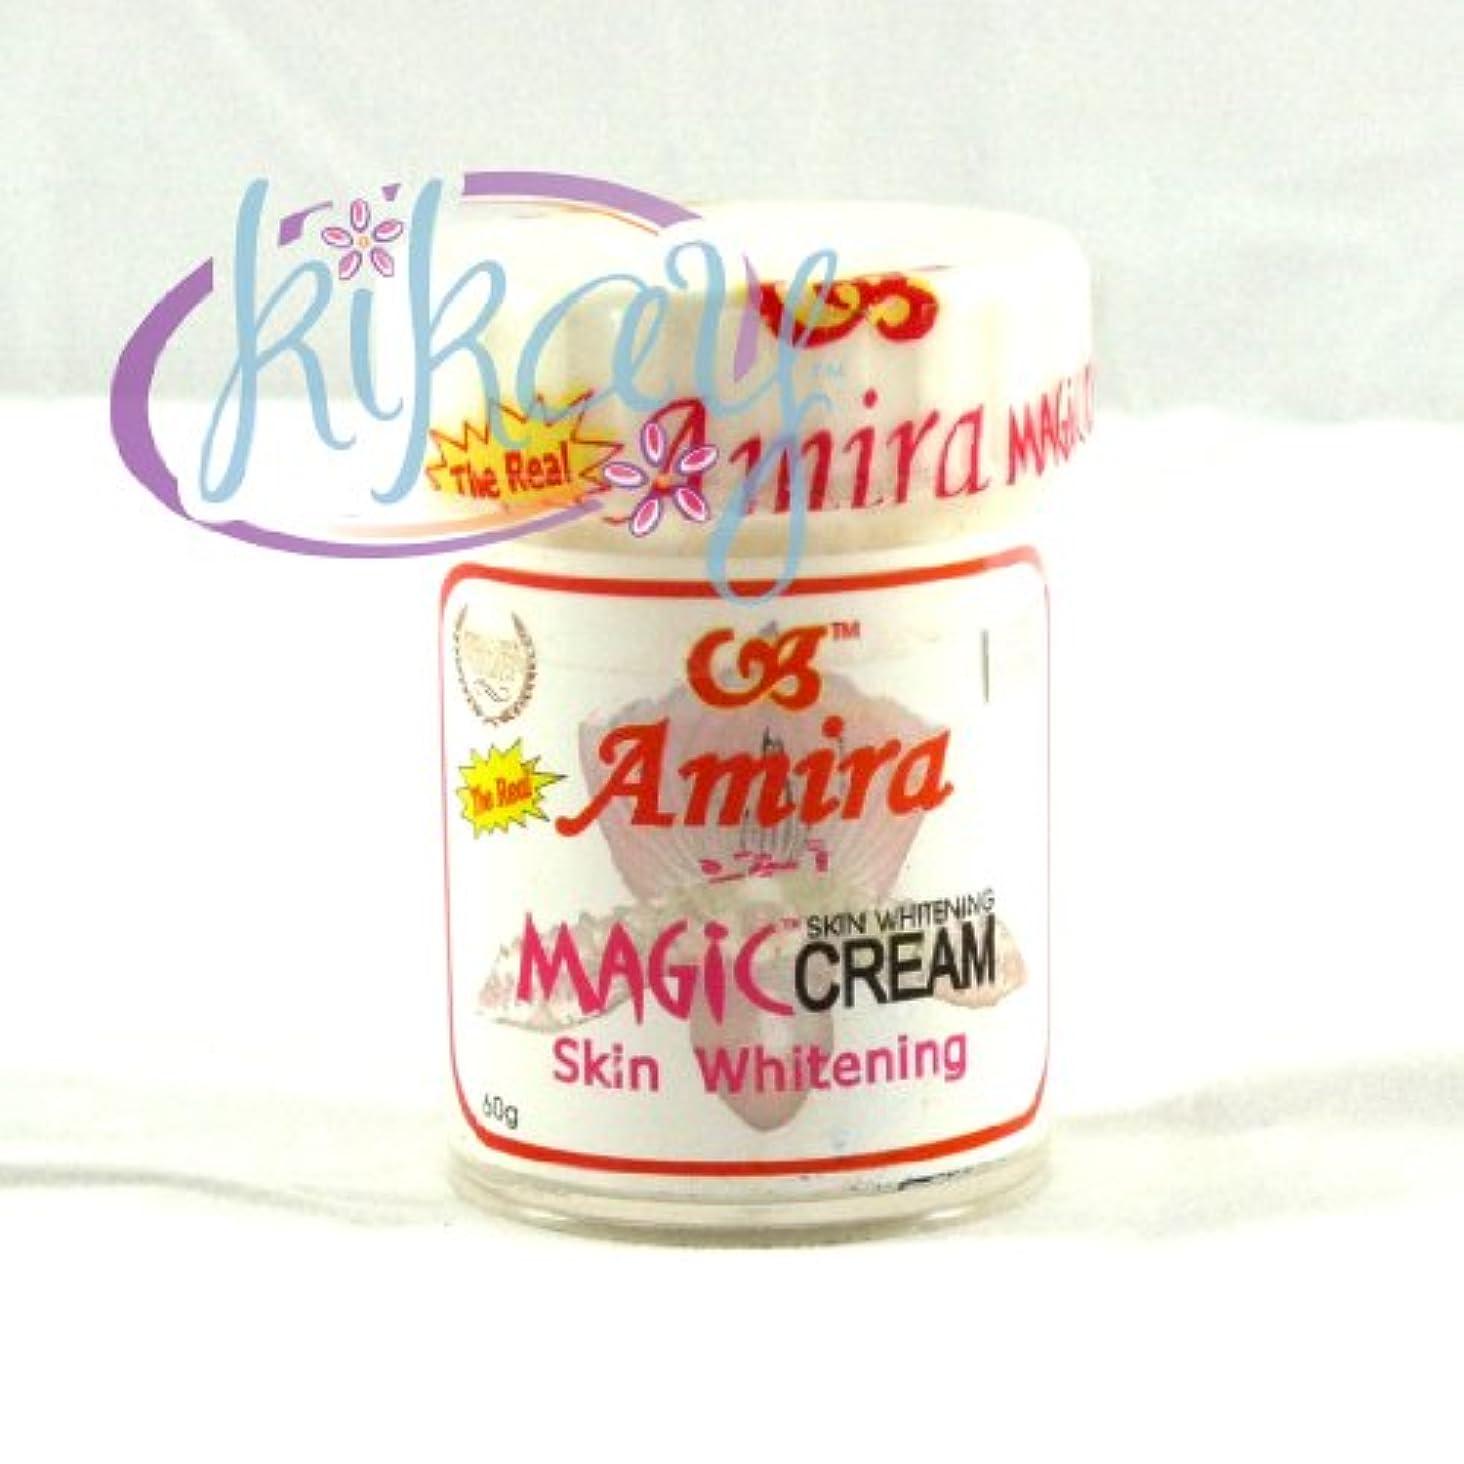 テセウスコットンそれるAMIRA THE REAL MAGIC CREAM【SKIN WHITENING CREAM 60g】PHILIPPINES〈スキン ホワイトニング クリーム〉フィリピン